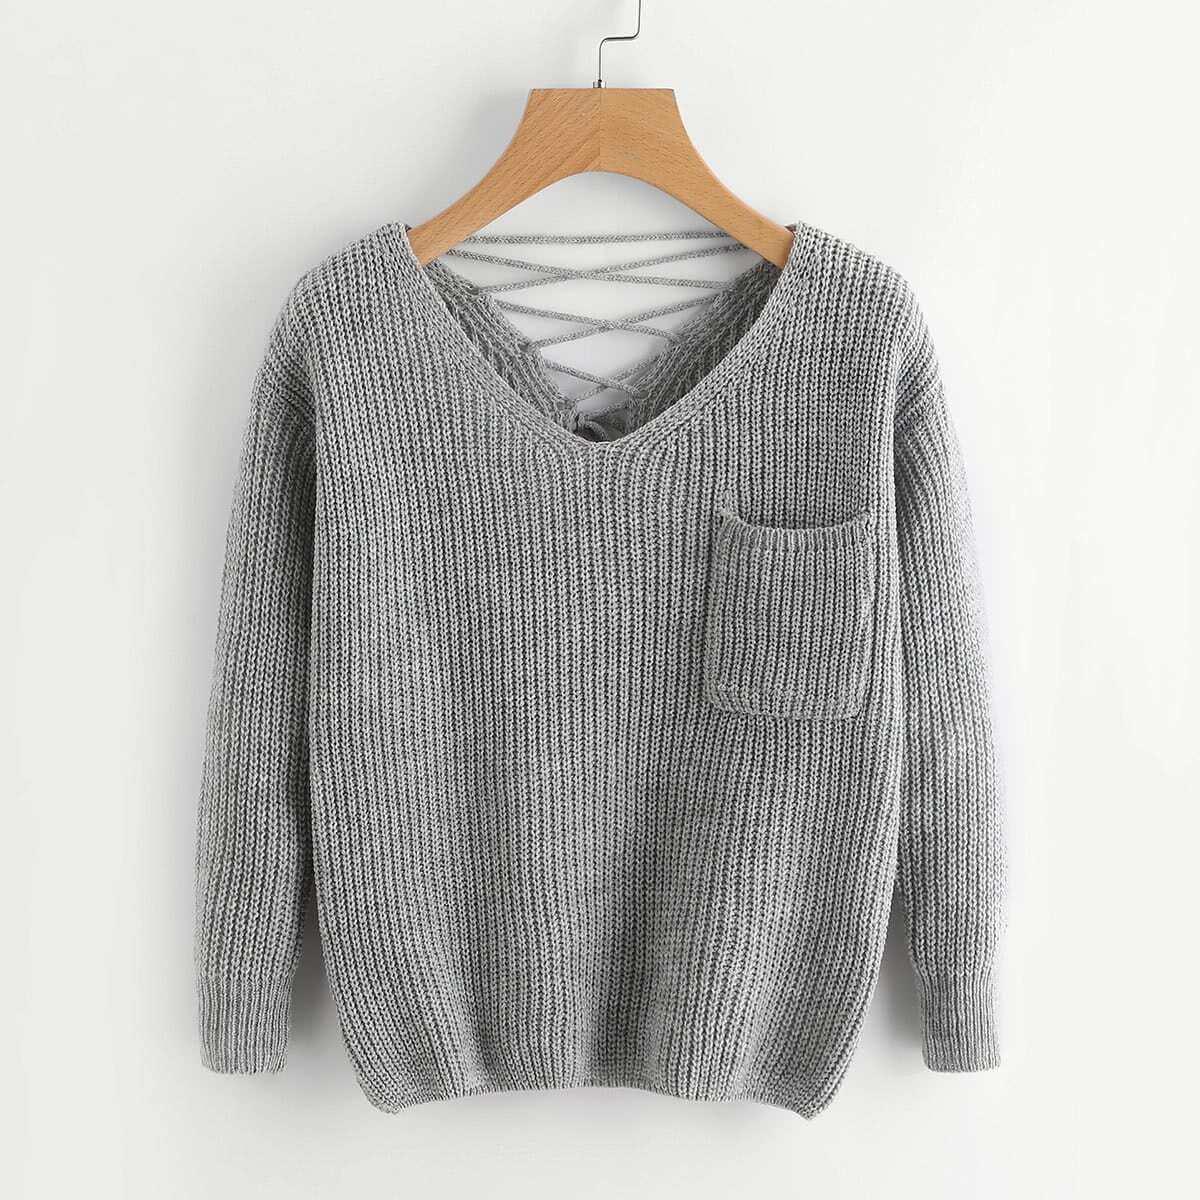 SHEIN Knitwear met borstzakje